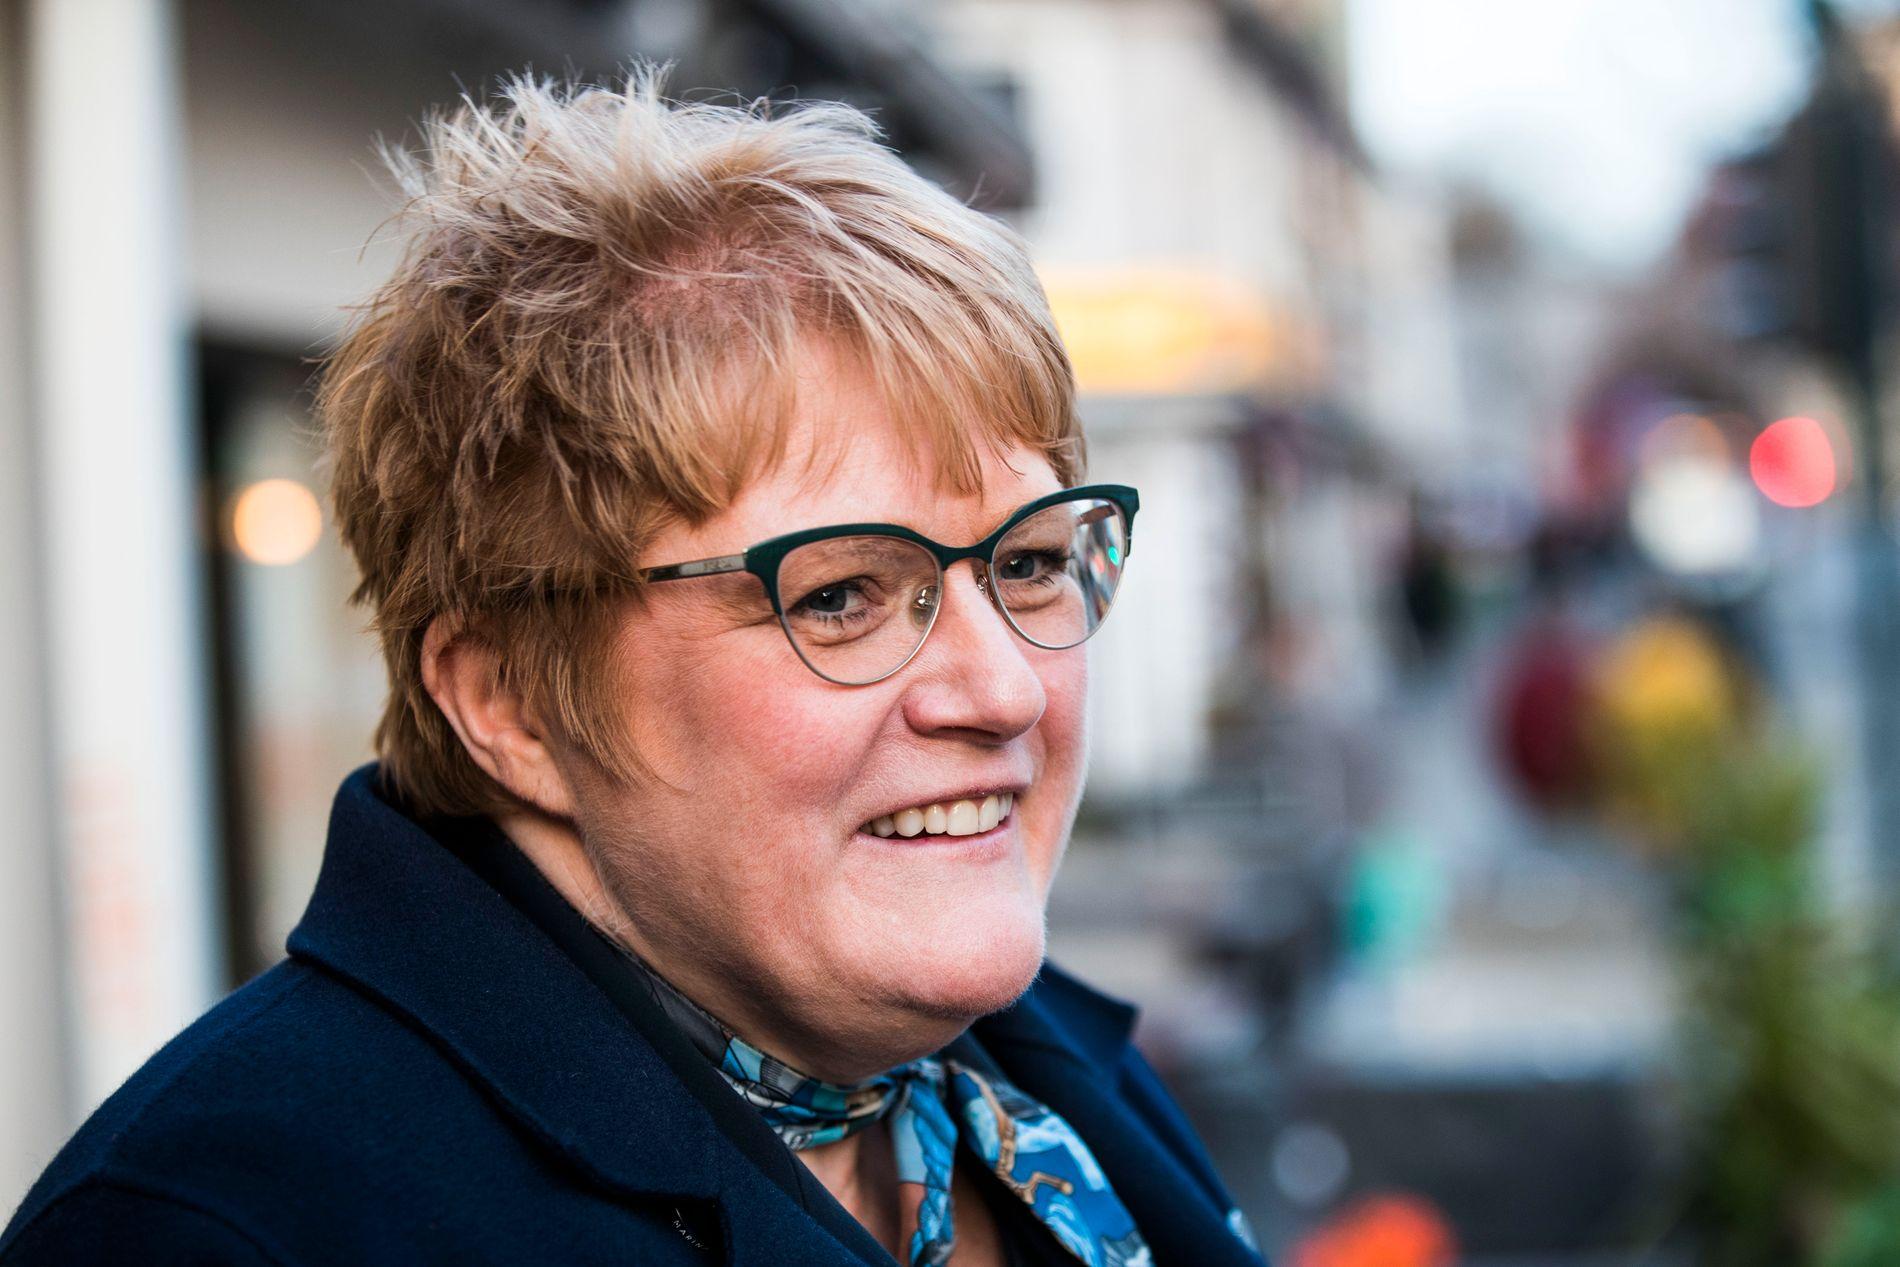 NEKTER: Da Trine Skei Grande i et intervju med Aftenposten 16. januar sa hun ikke er noen overgriper, kommenterte hun ikke hendelsen på bryllupet i Trøndelag i 2008.